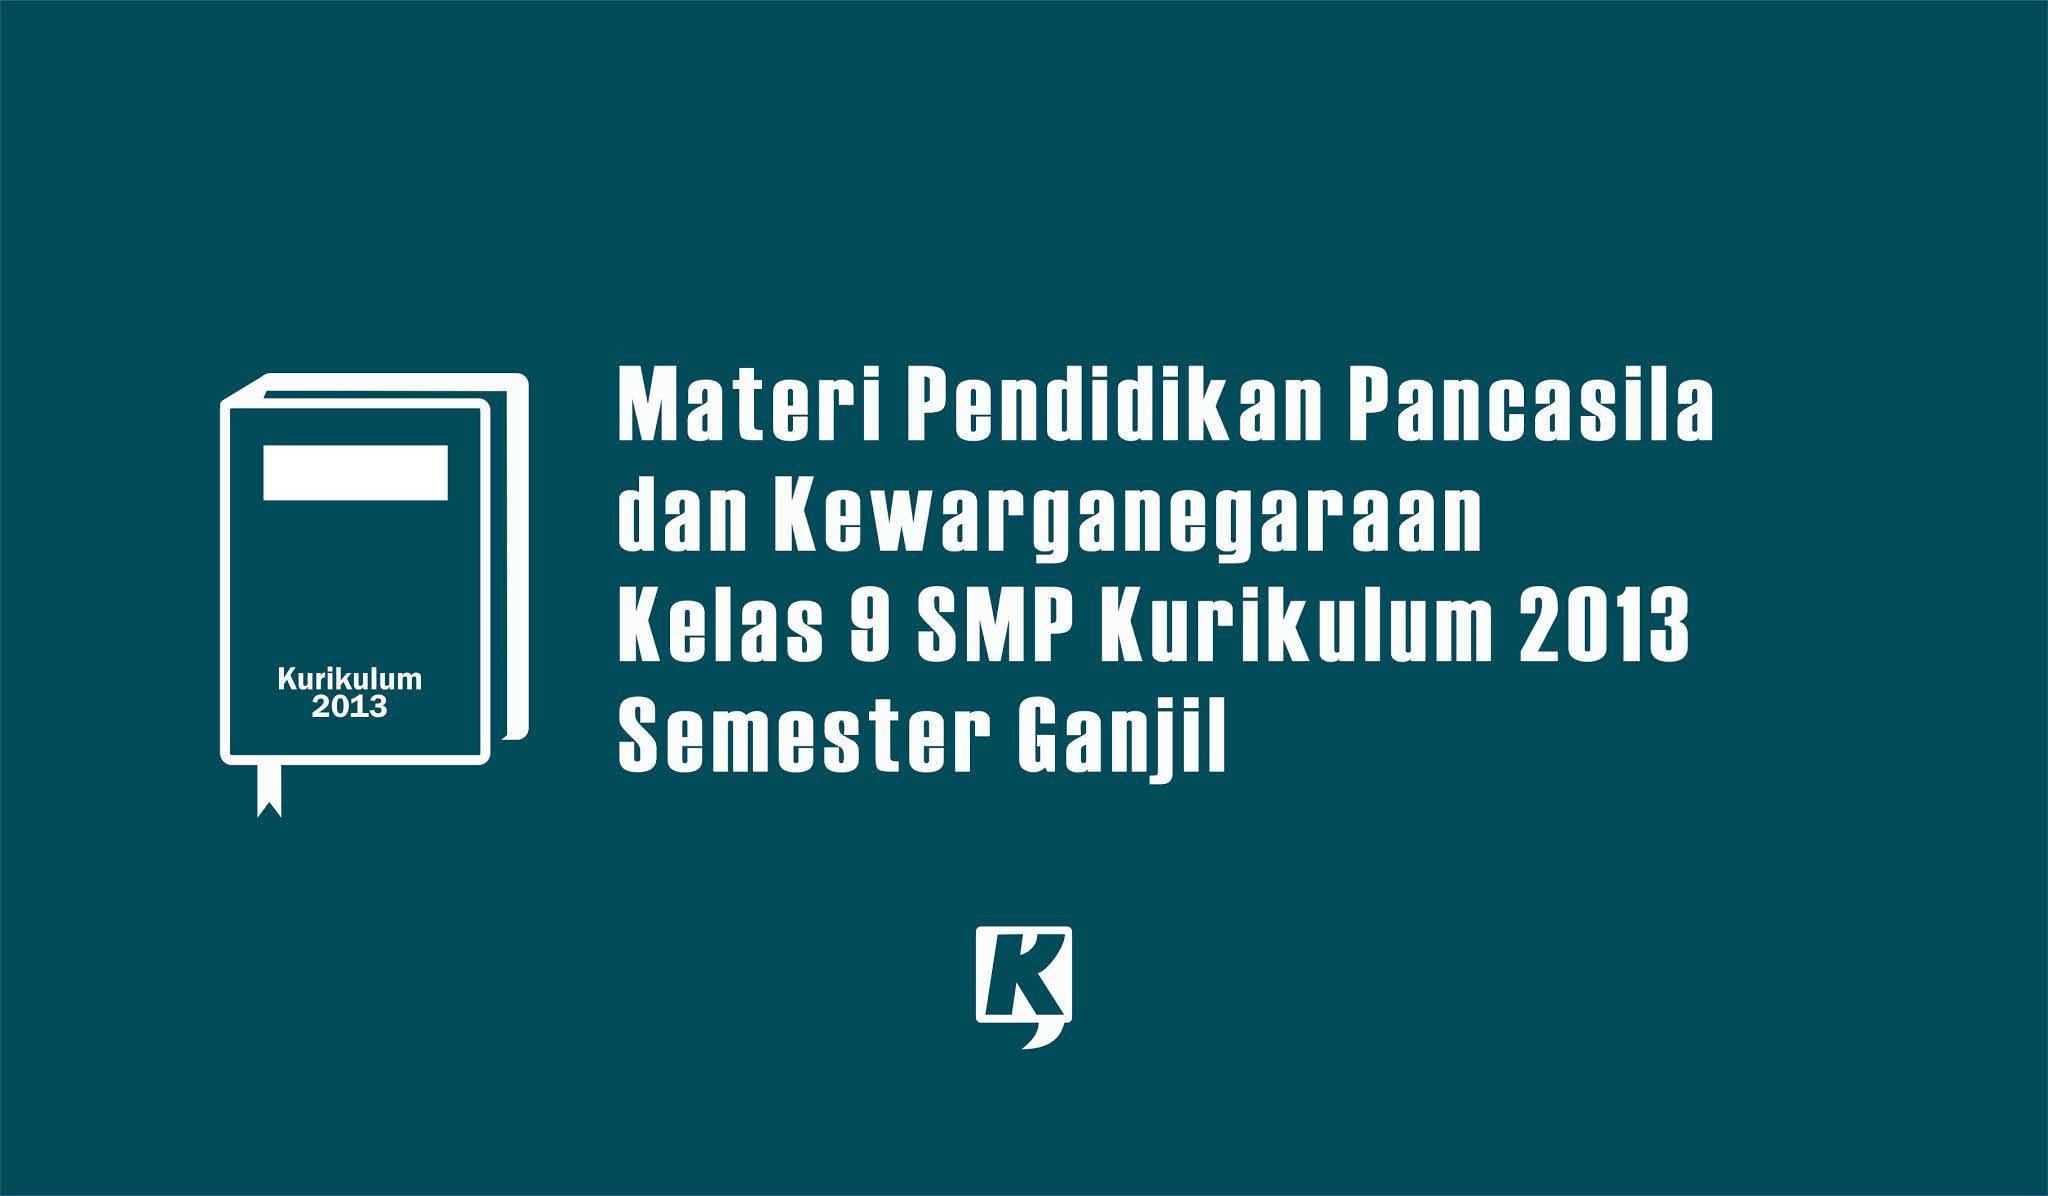 Materi Semester Ganjil: Pendidikan Pancasila dan Kewarganegaraan Kelas 9 SMP/MTS Kurikulum 2013